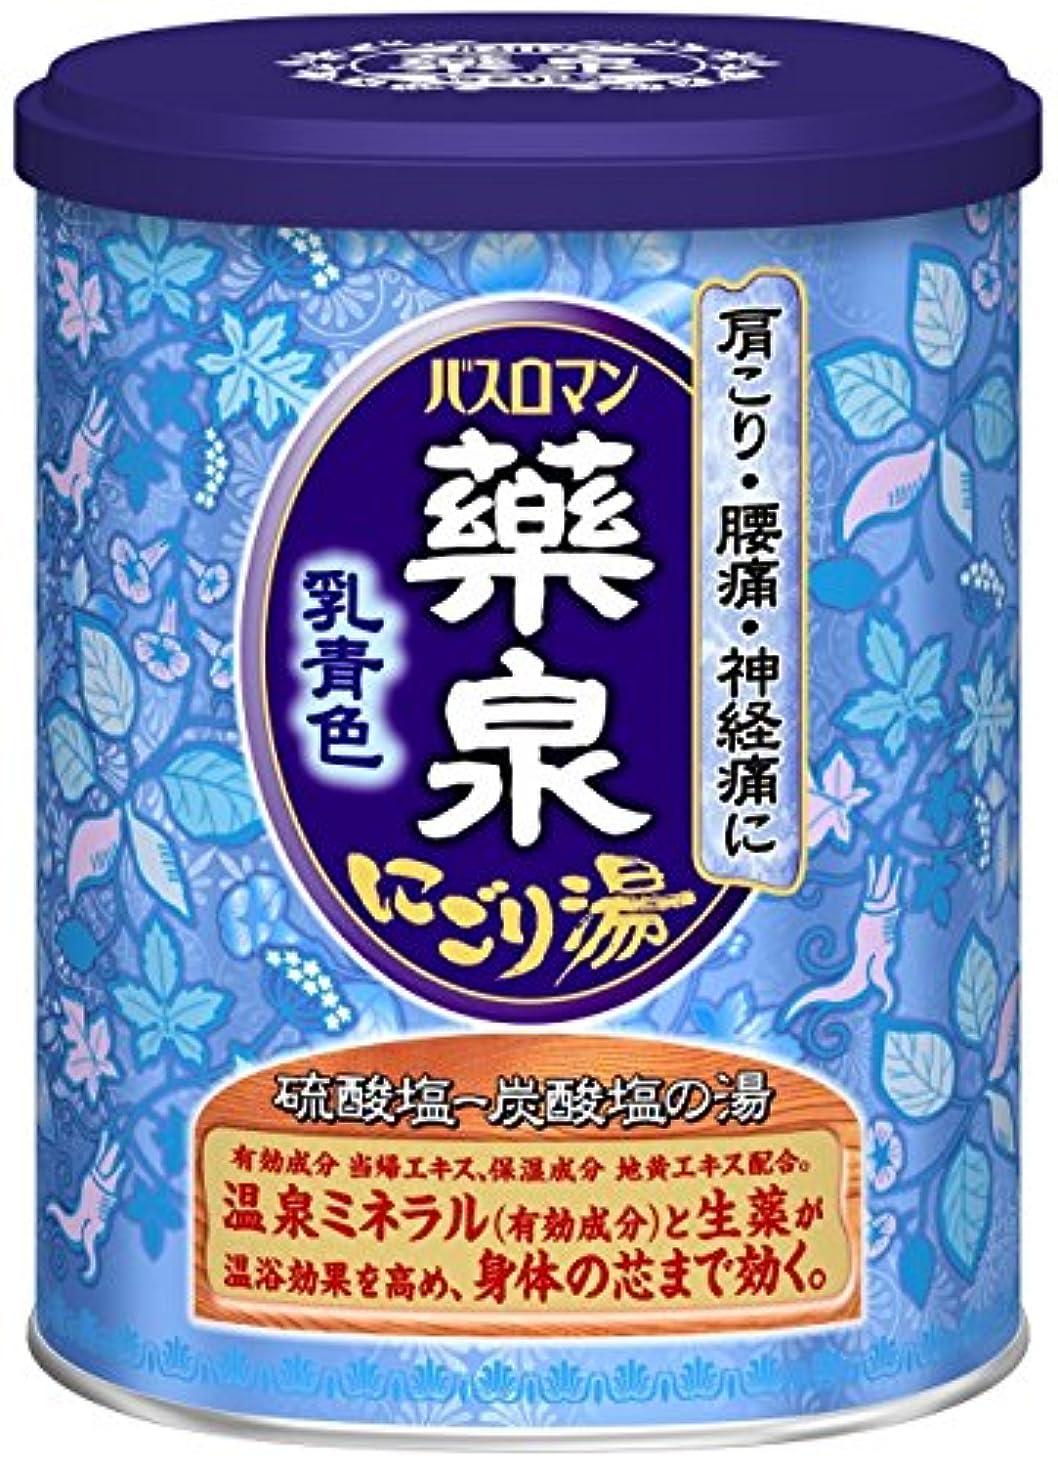 魂タンカー平均薬泉バスロマン乳青色650g